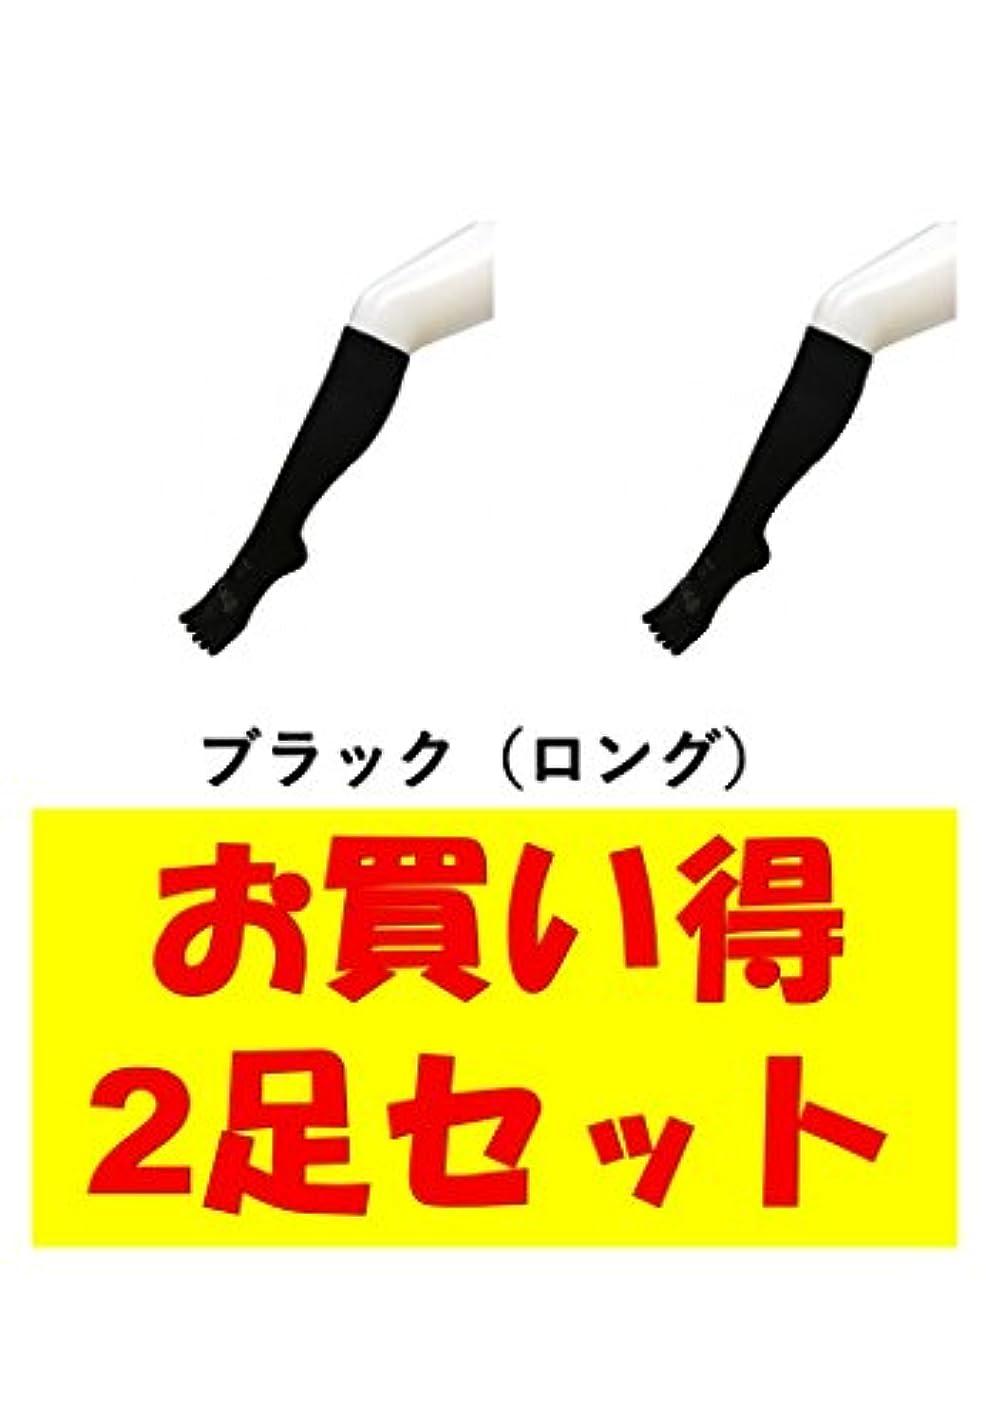 予想外独立溶かすお買い得2足セット 5本指 ゆびのばソックス ゆびのばロング ブラック 女性用 22.0cm-25.5cm HSLONG-BLK